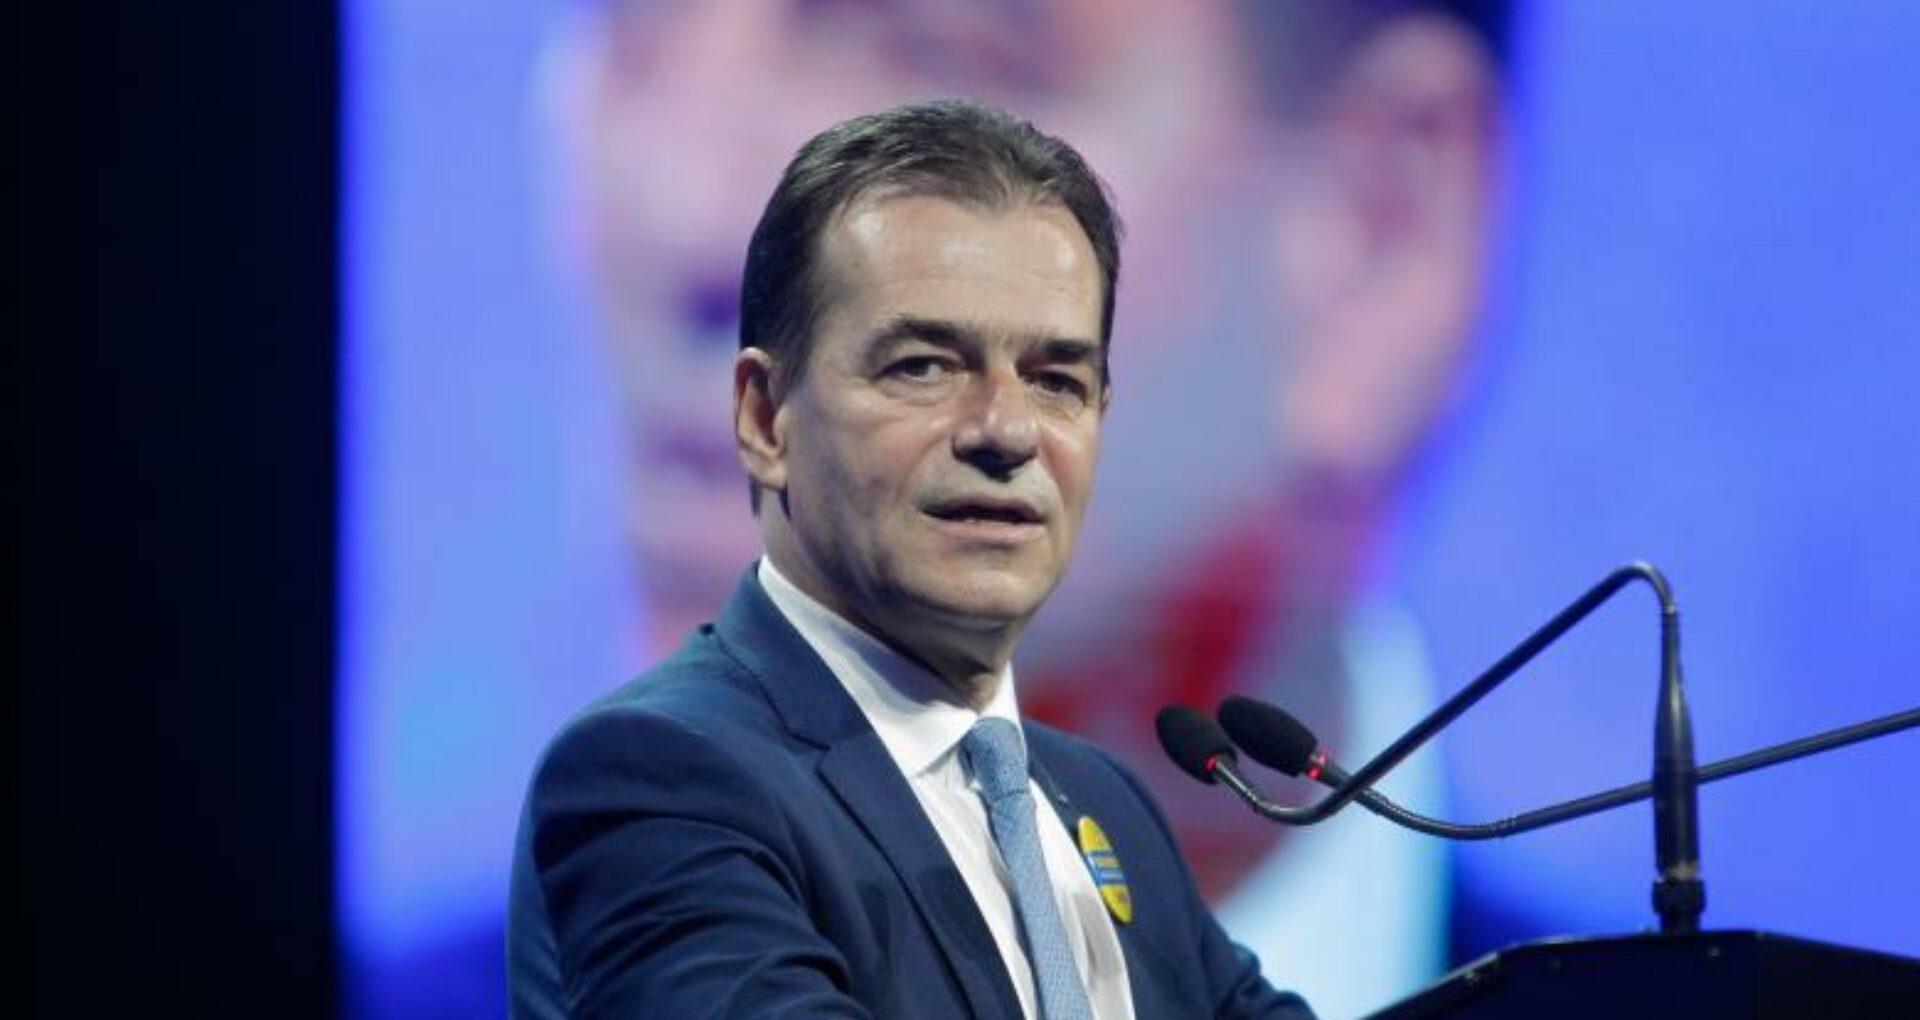 România: Desemnarea lui Ludovic Orban în funcția de premier nu este constituţională